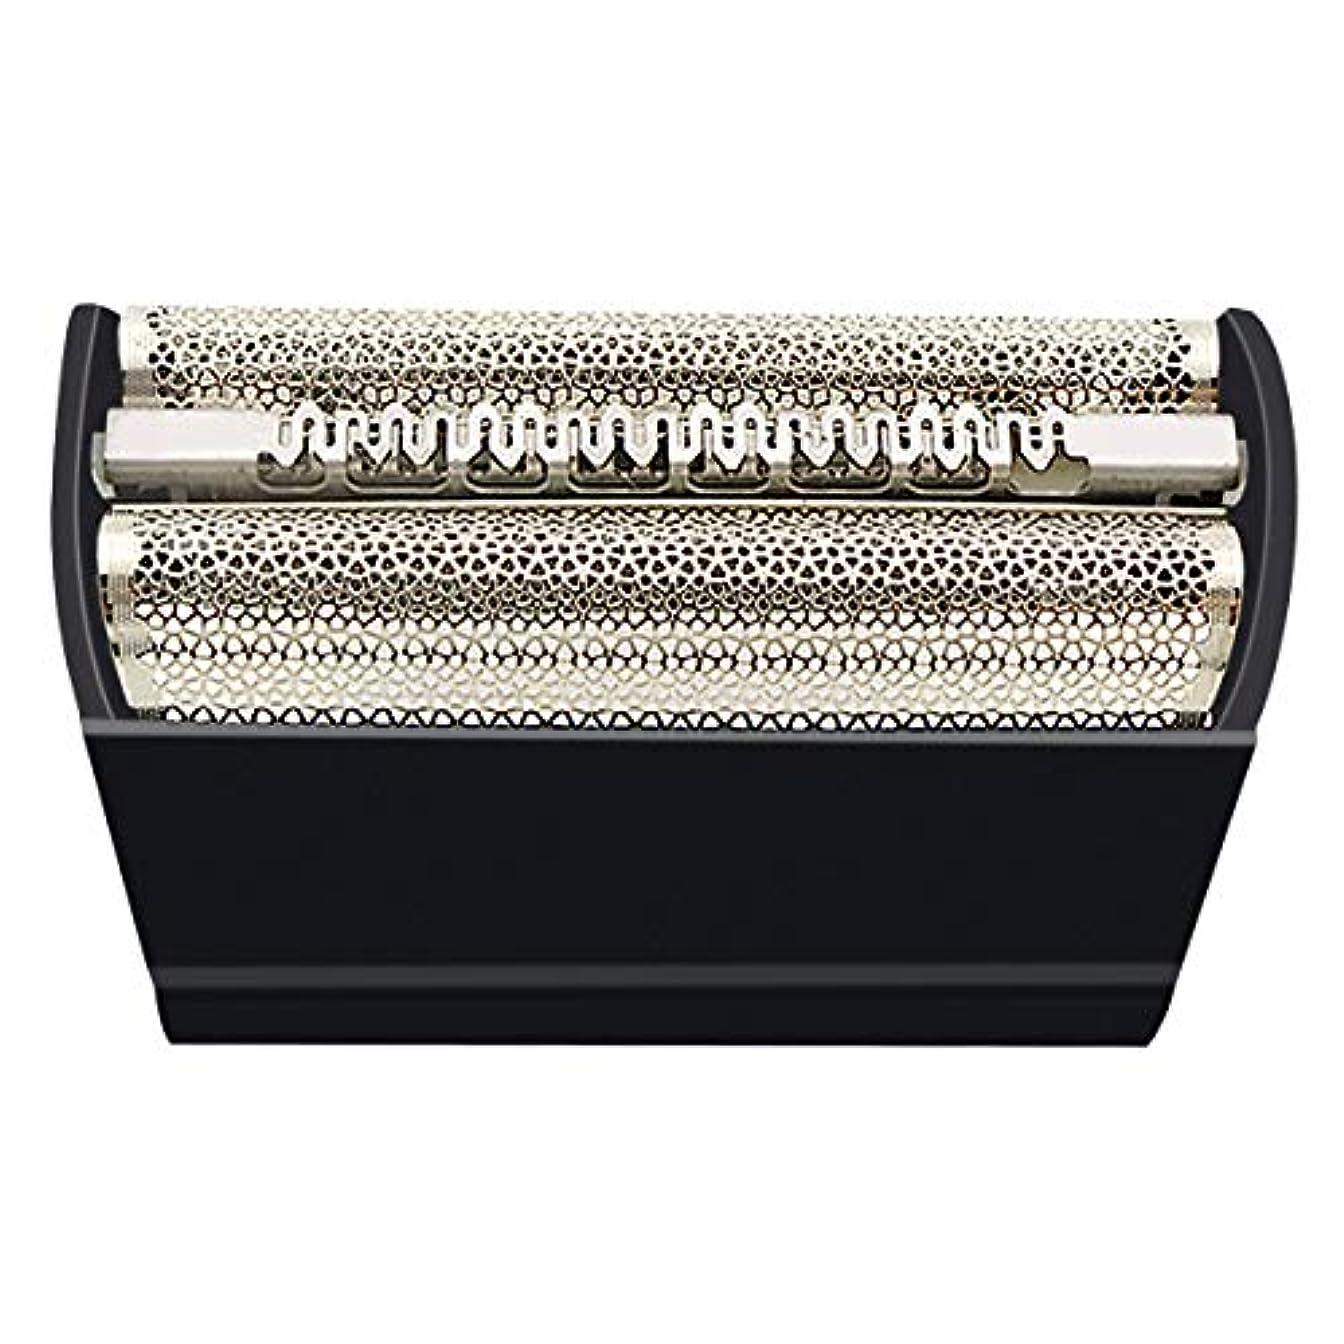 単位連隊努力するVINFANYシェーバー替刃 シリーズ3 適用 Braun 31Bシリーズ3 Smart Syncro Proモデル電気シェーバー シリーズ3網刃?内刃一体型カセット 交換用ホイル (31B (Black))